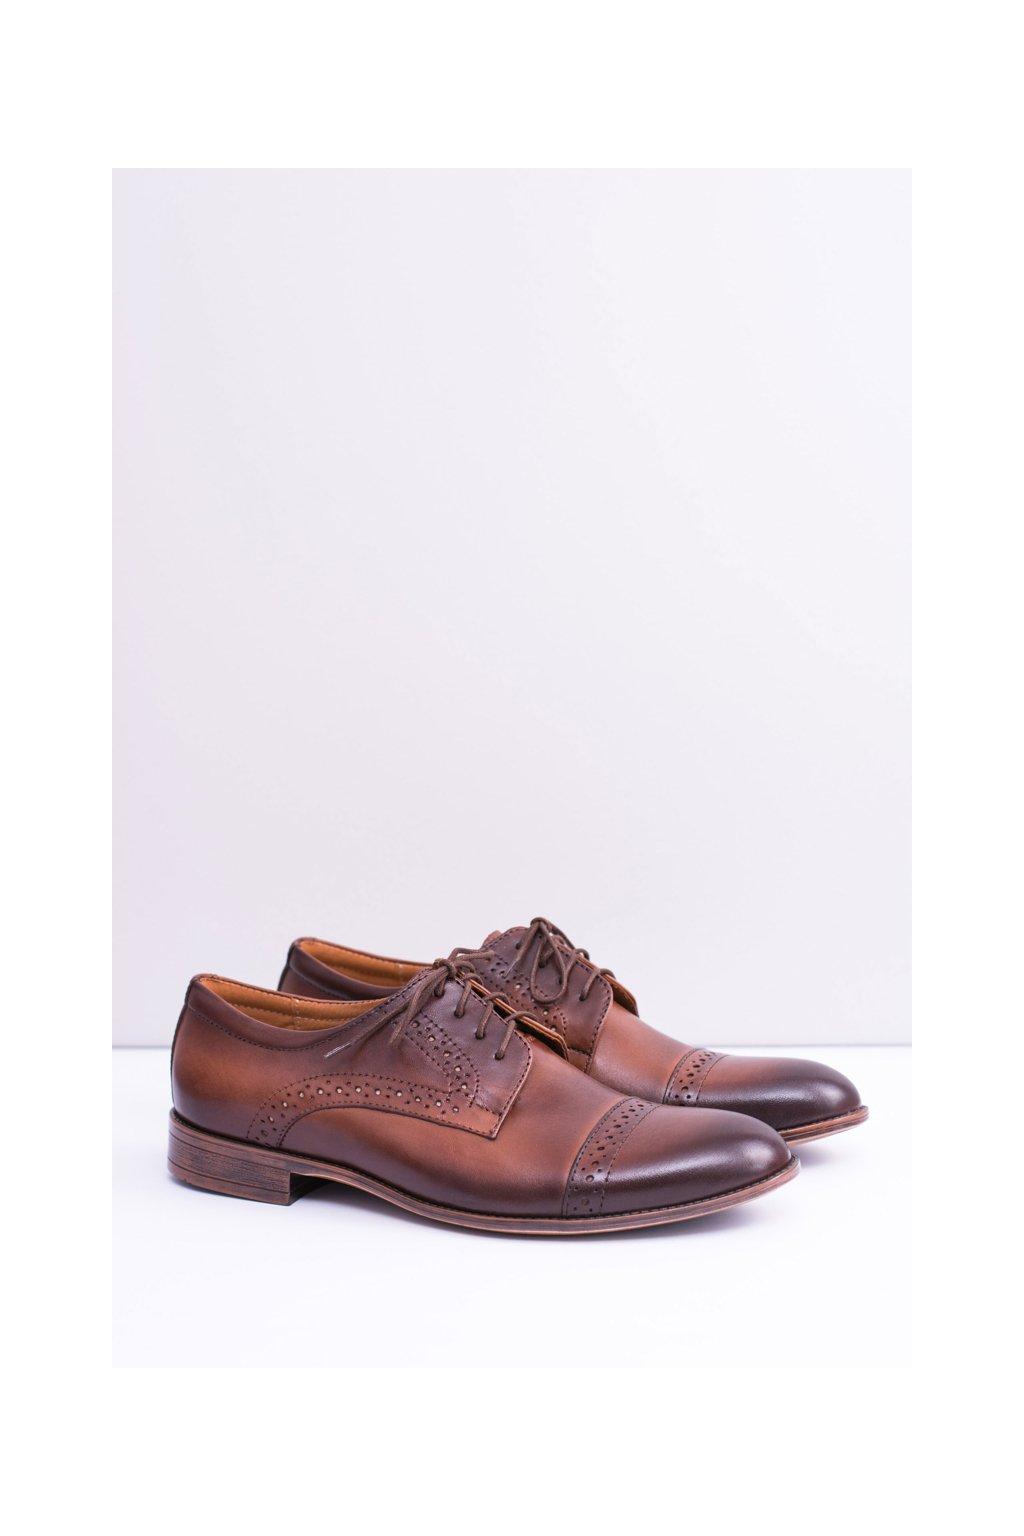 Formálne pánske kožené topánky Gerard hnedé